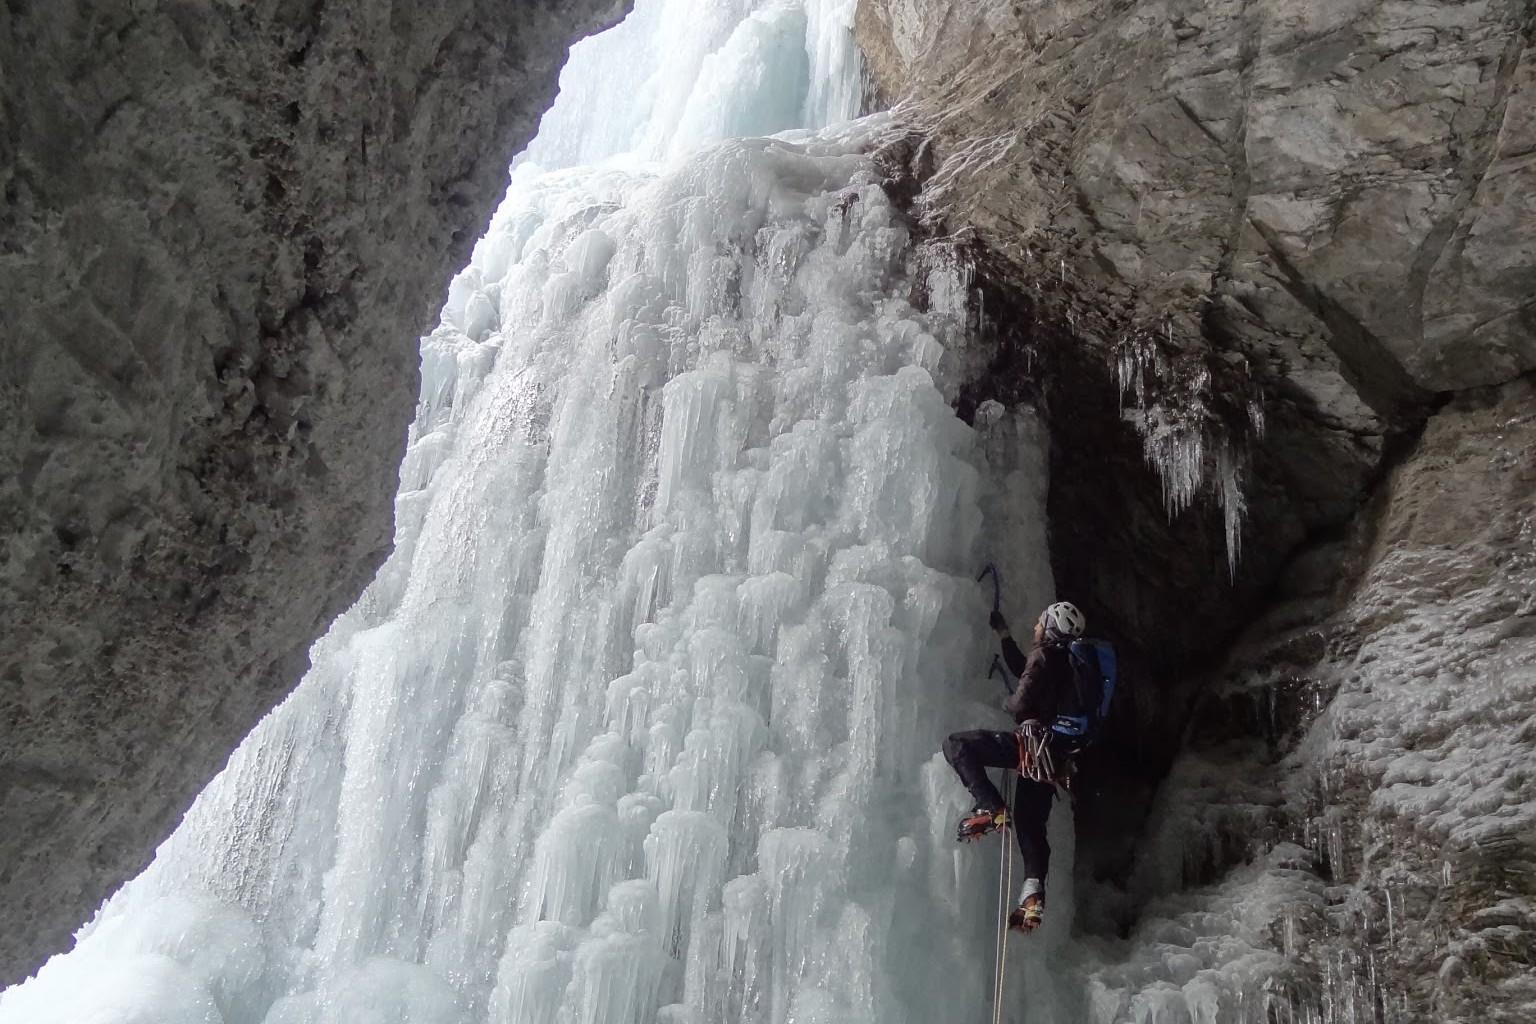 """Le guide de montagne en tête dans la belle cascade de glace """"les formes du chaos"""" sur un beau mur de draperie."""